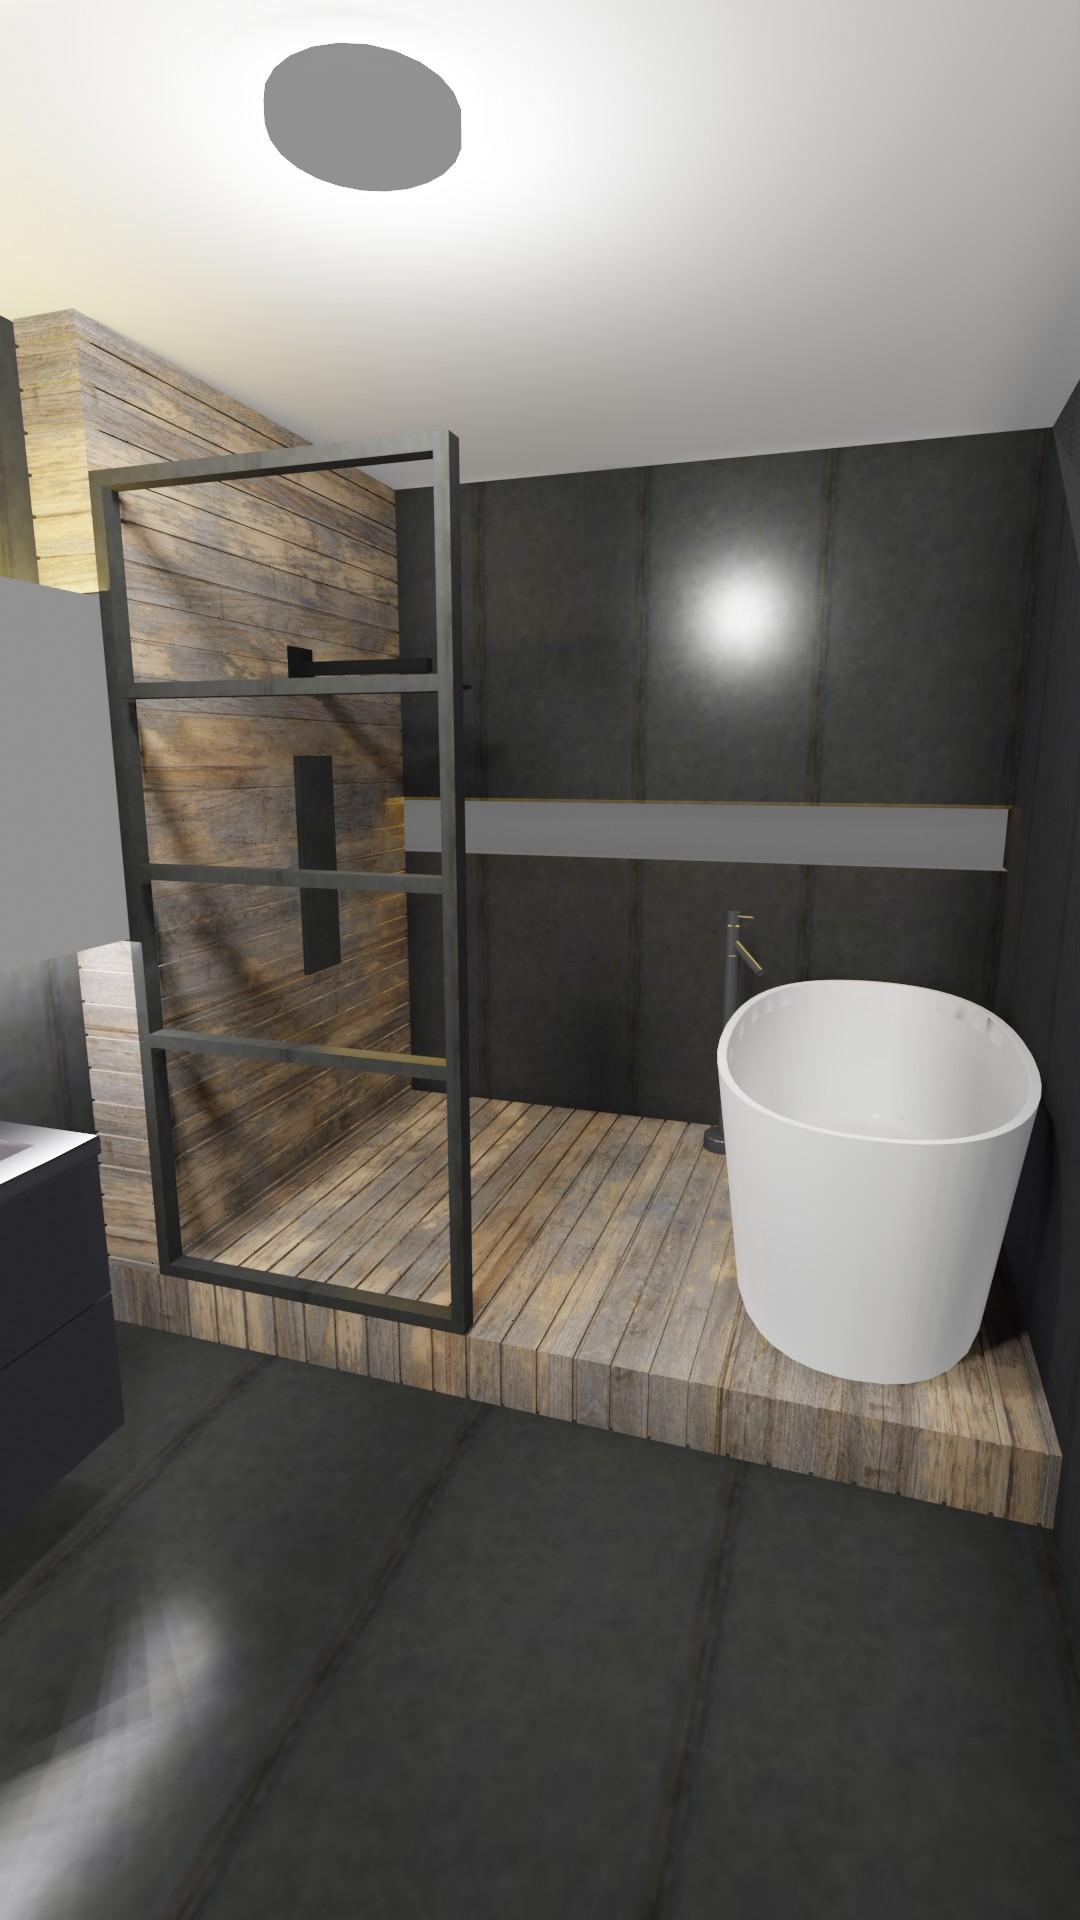 salle de bain avec baignoire ilot et douche